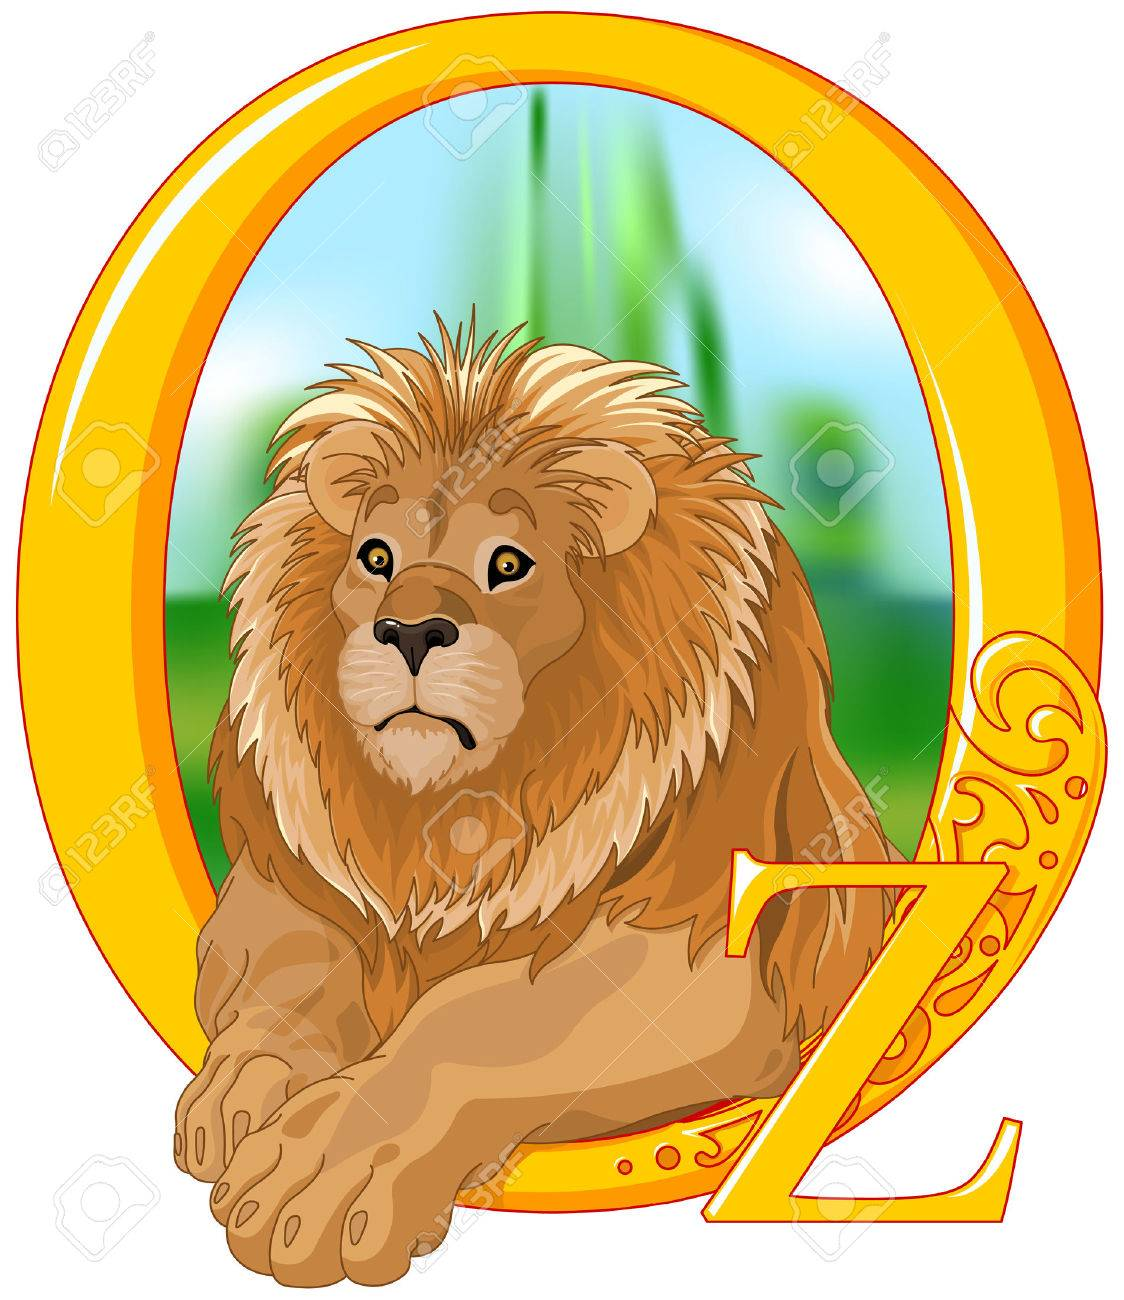 可愛いライオンのイラストです イラストのオズの魔法使いのイラスト